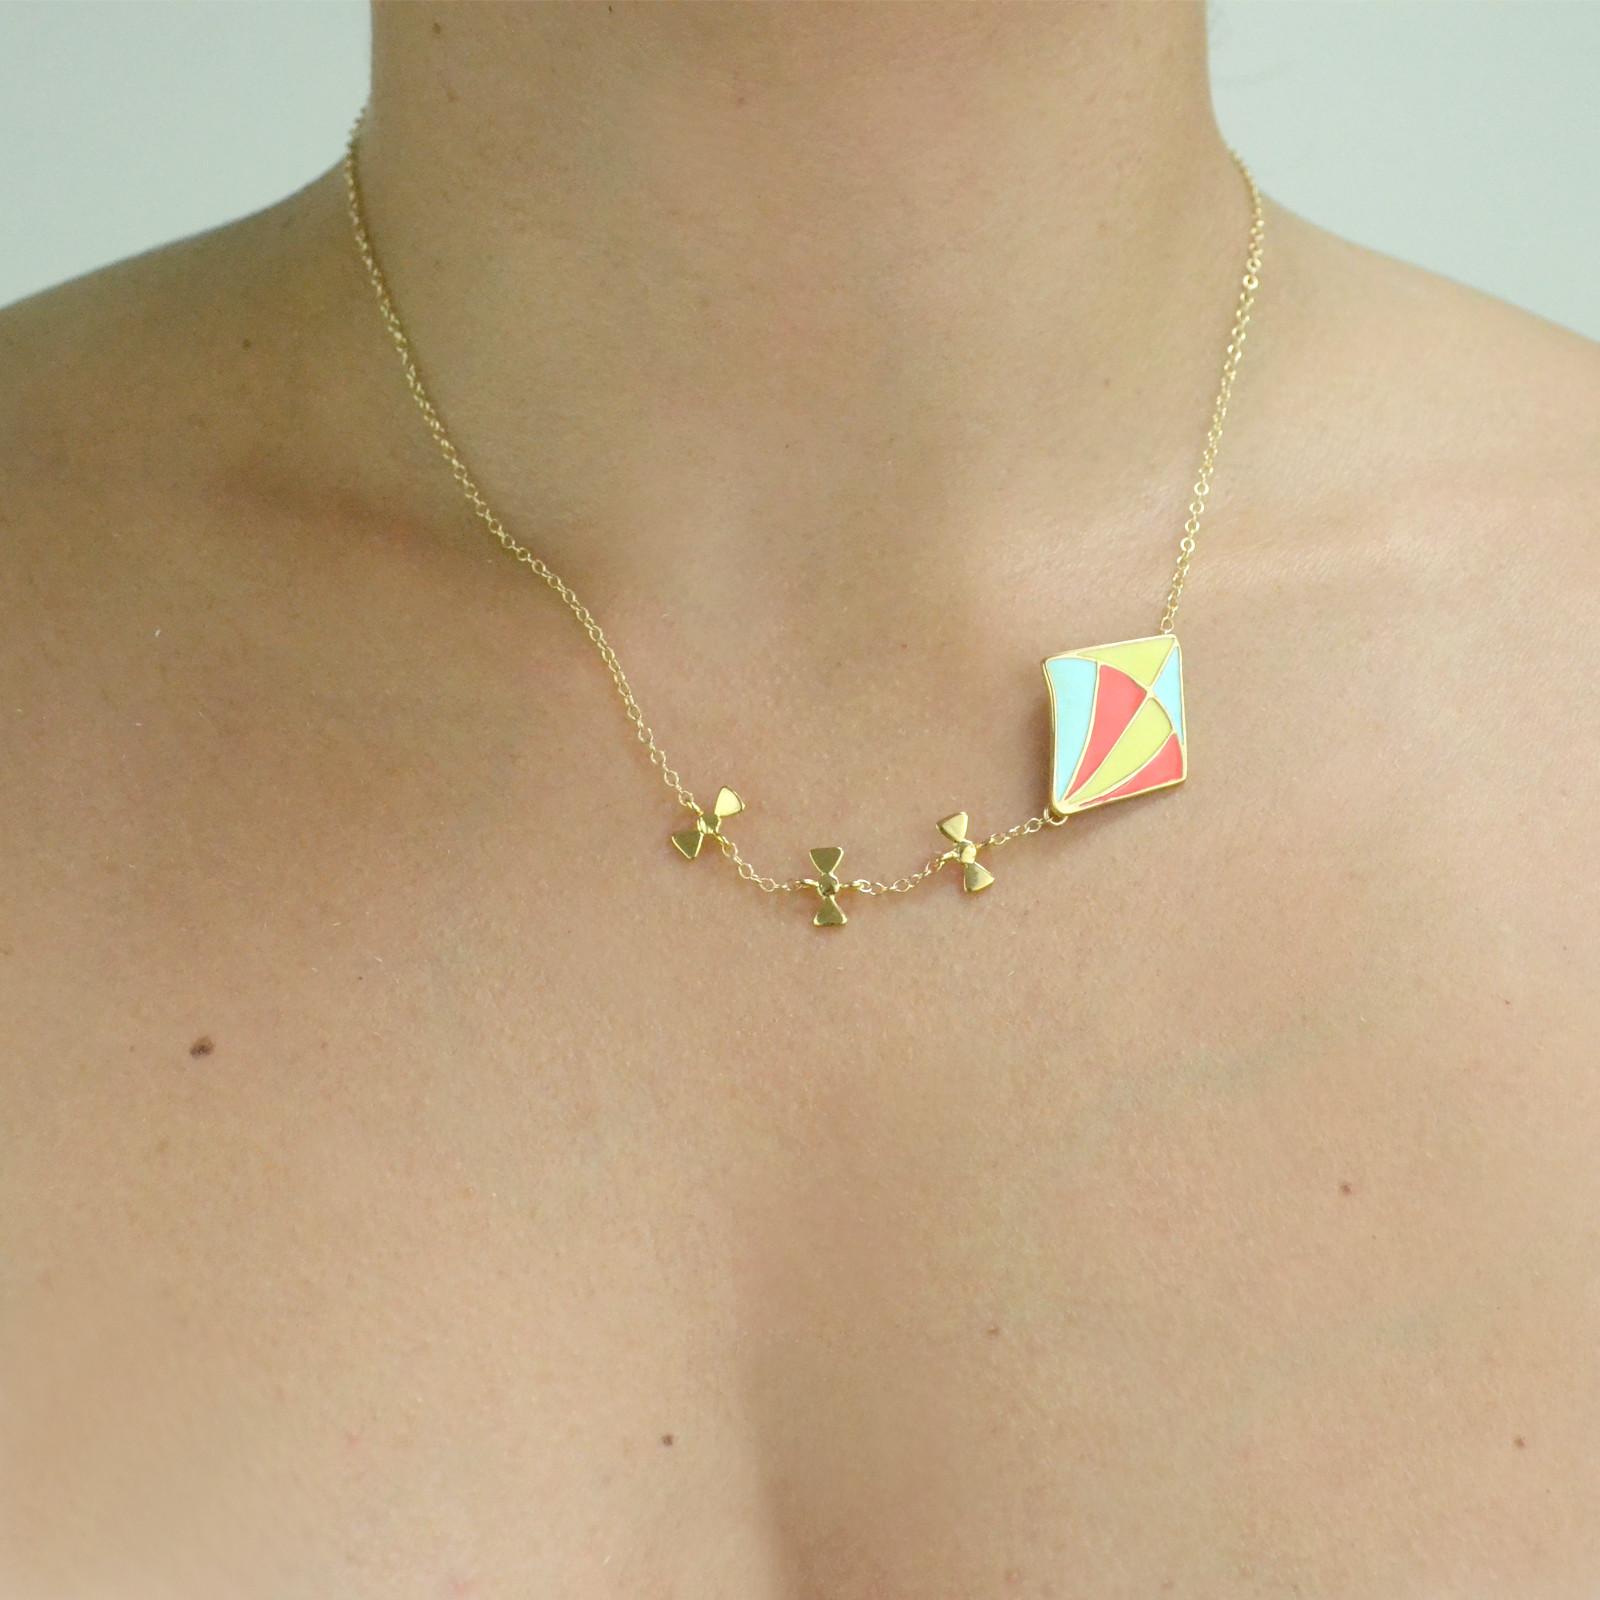 kite necklace gold worn